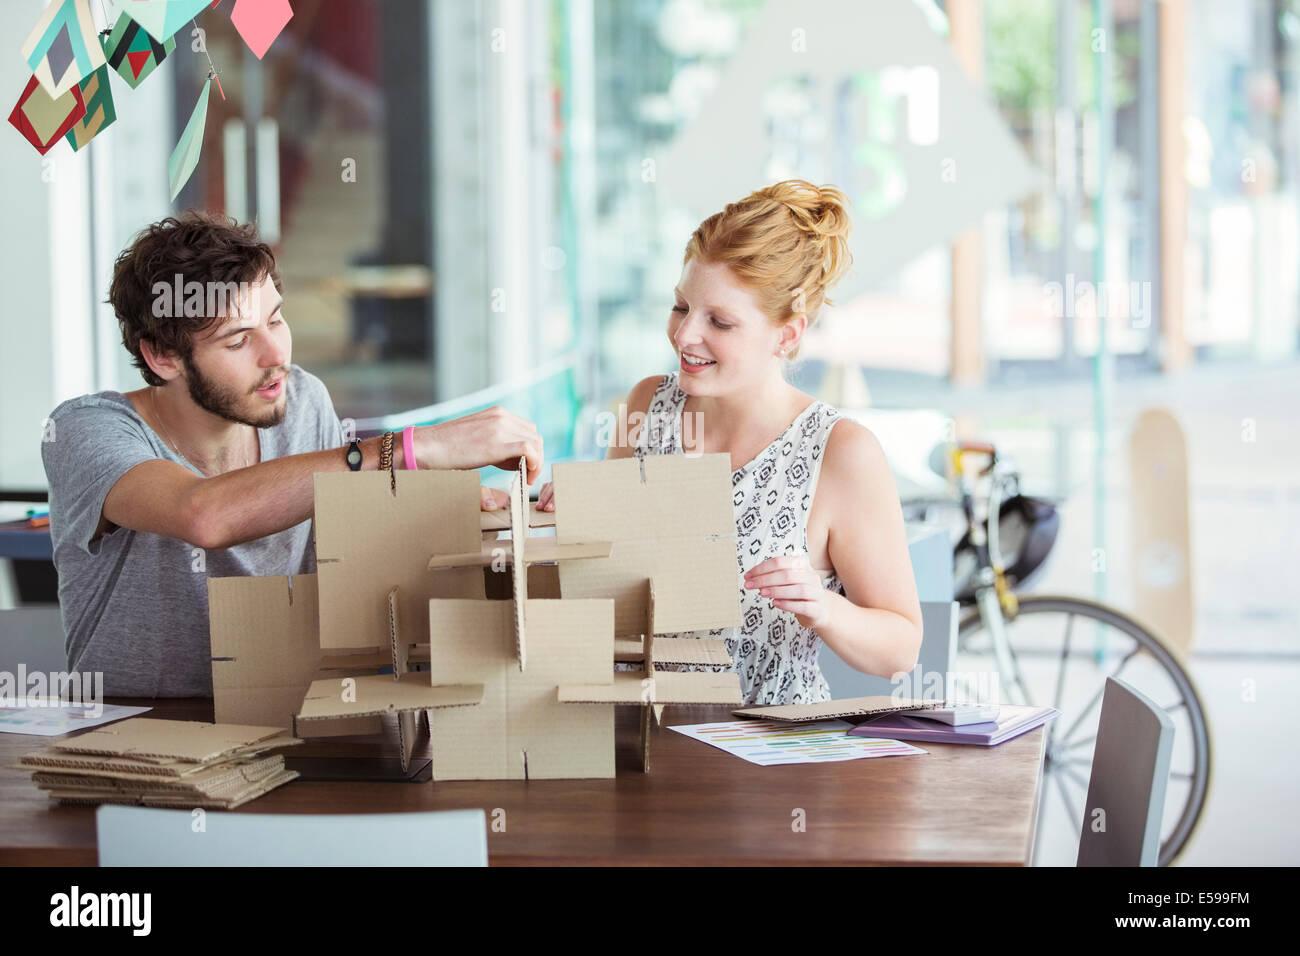 Persone modello di edificio insieme Immagini Stock